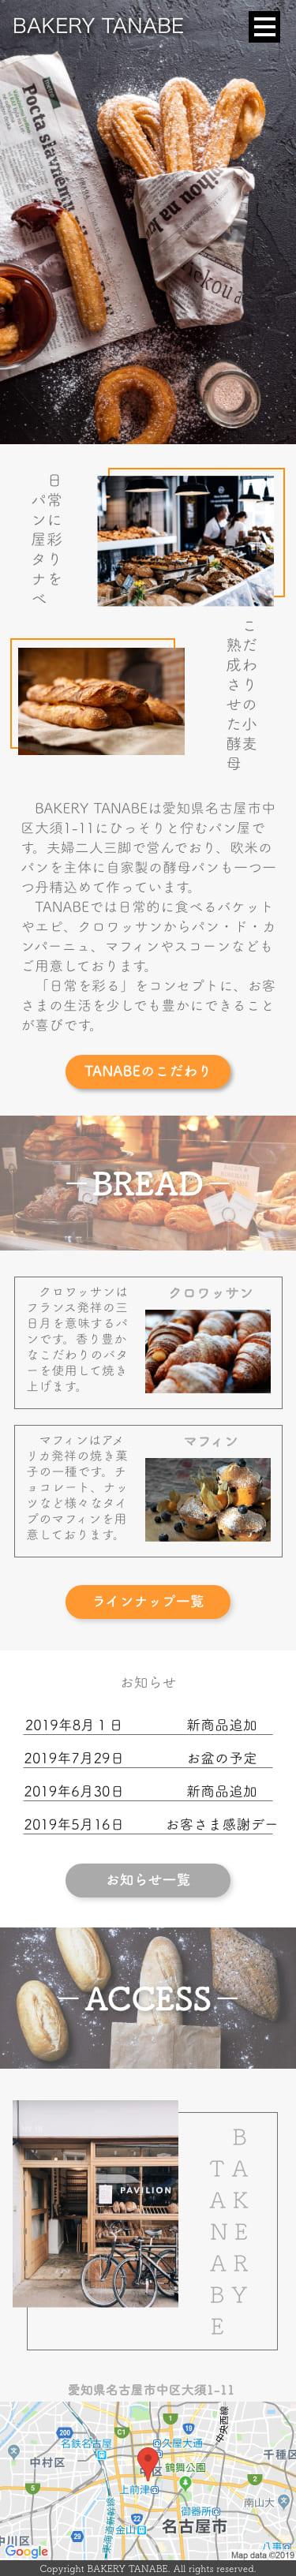 パン屋のスマホ用ホームページの制作例画像